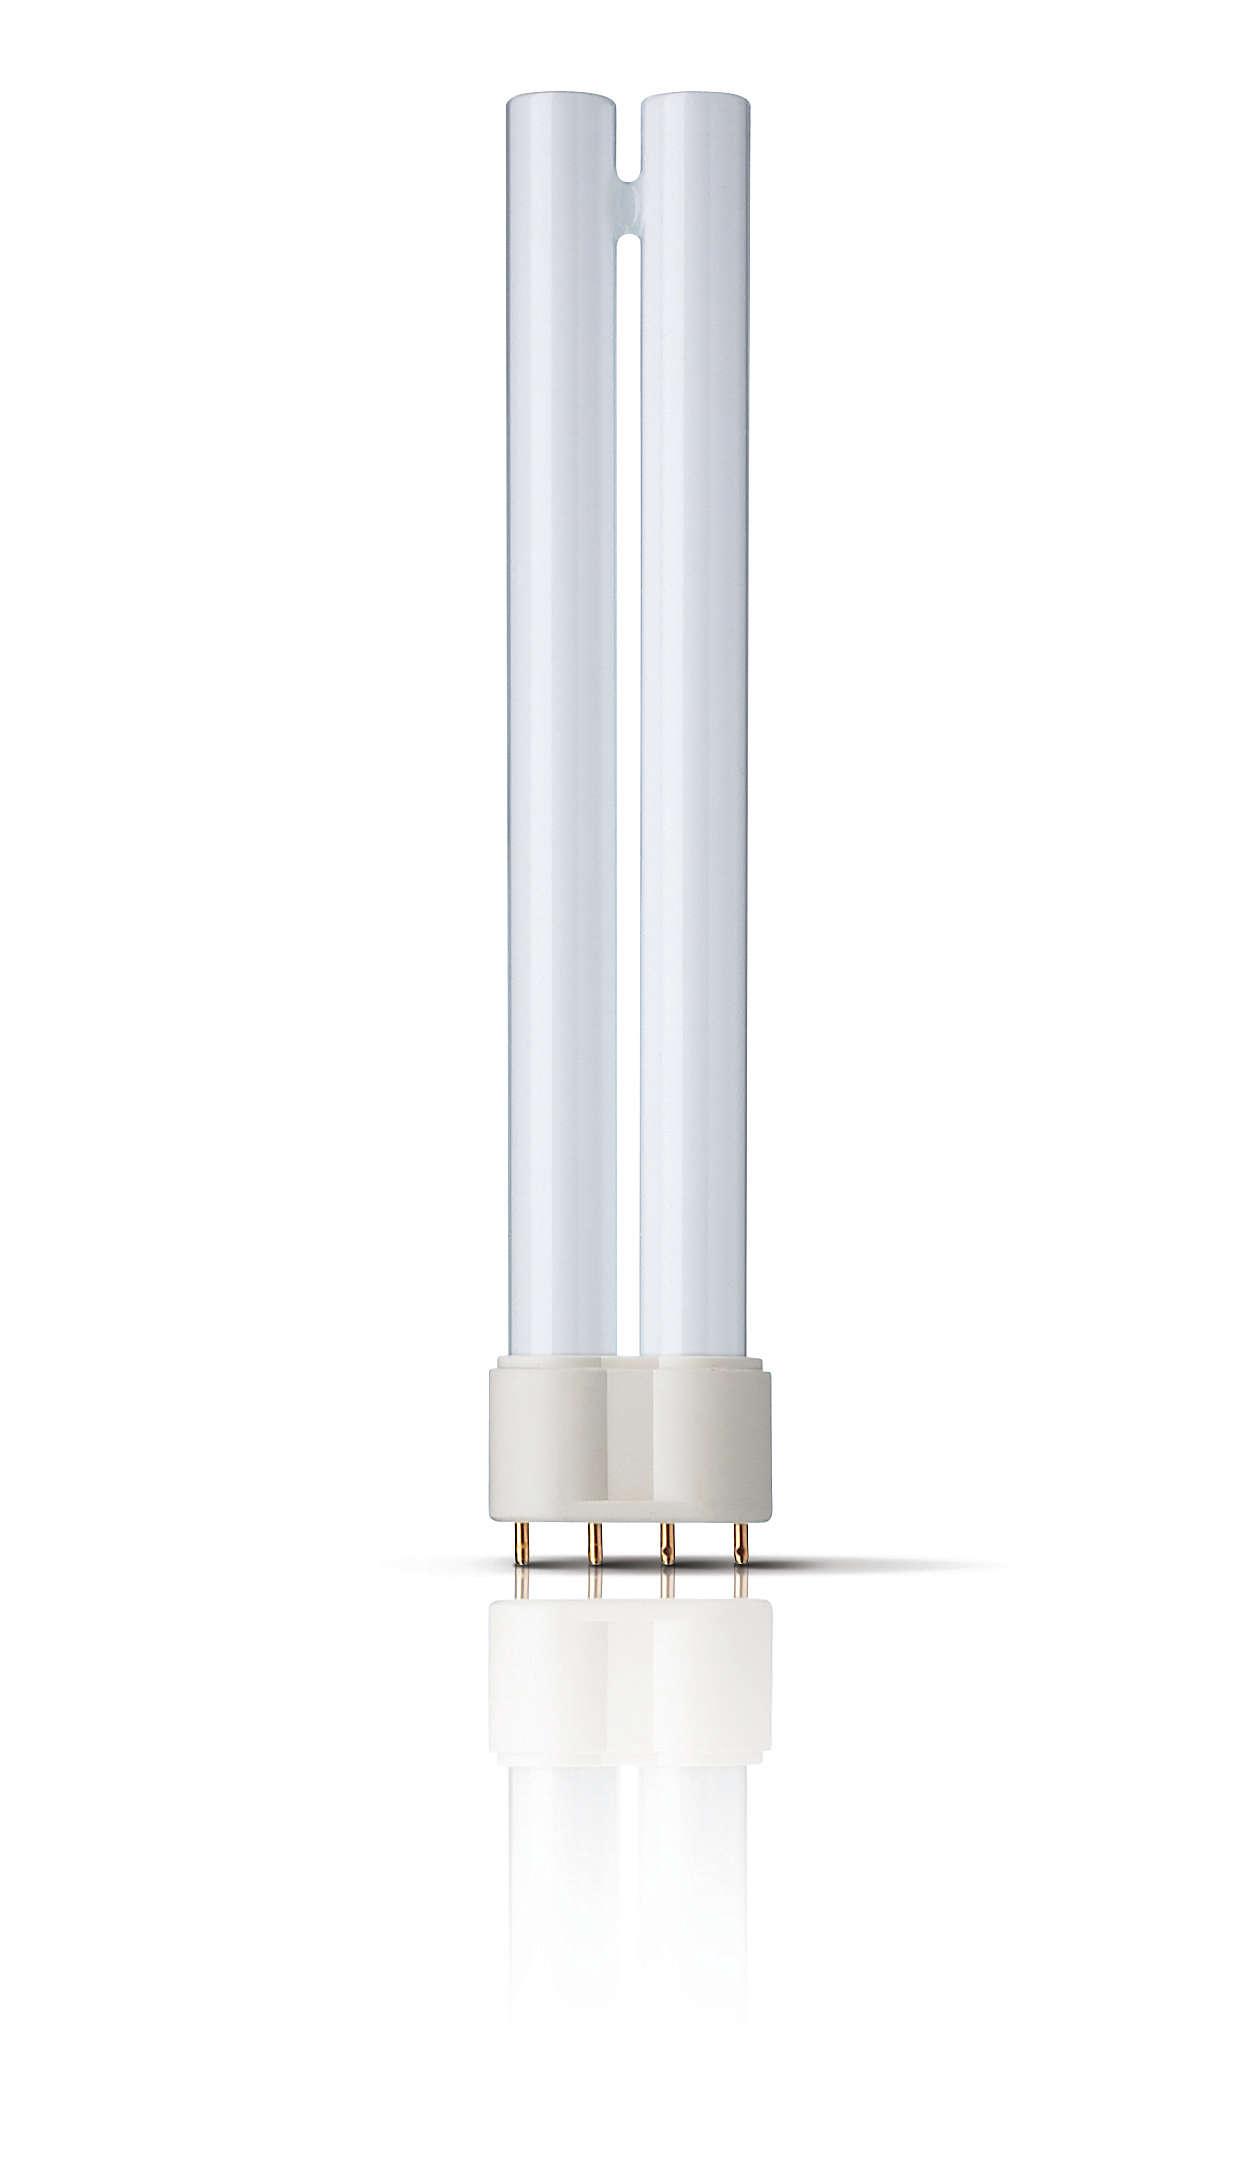 Actinic BL PL-S/PL-L – компактность и максимальная свобода при проектировании оборудования